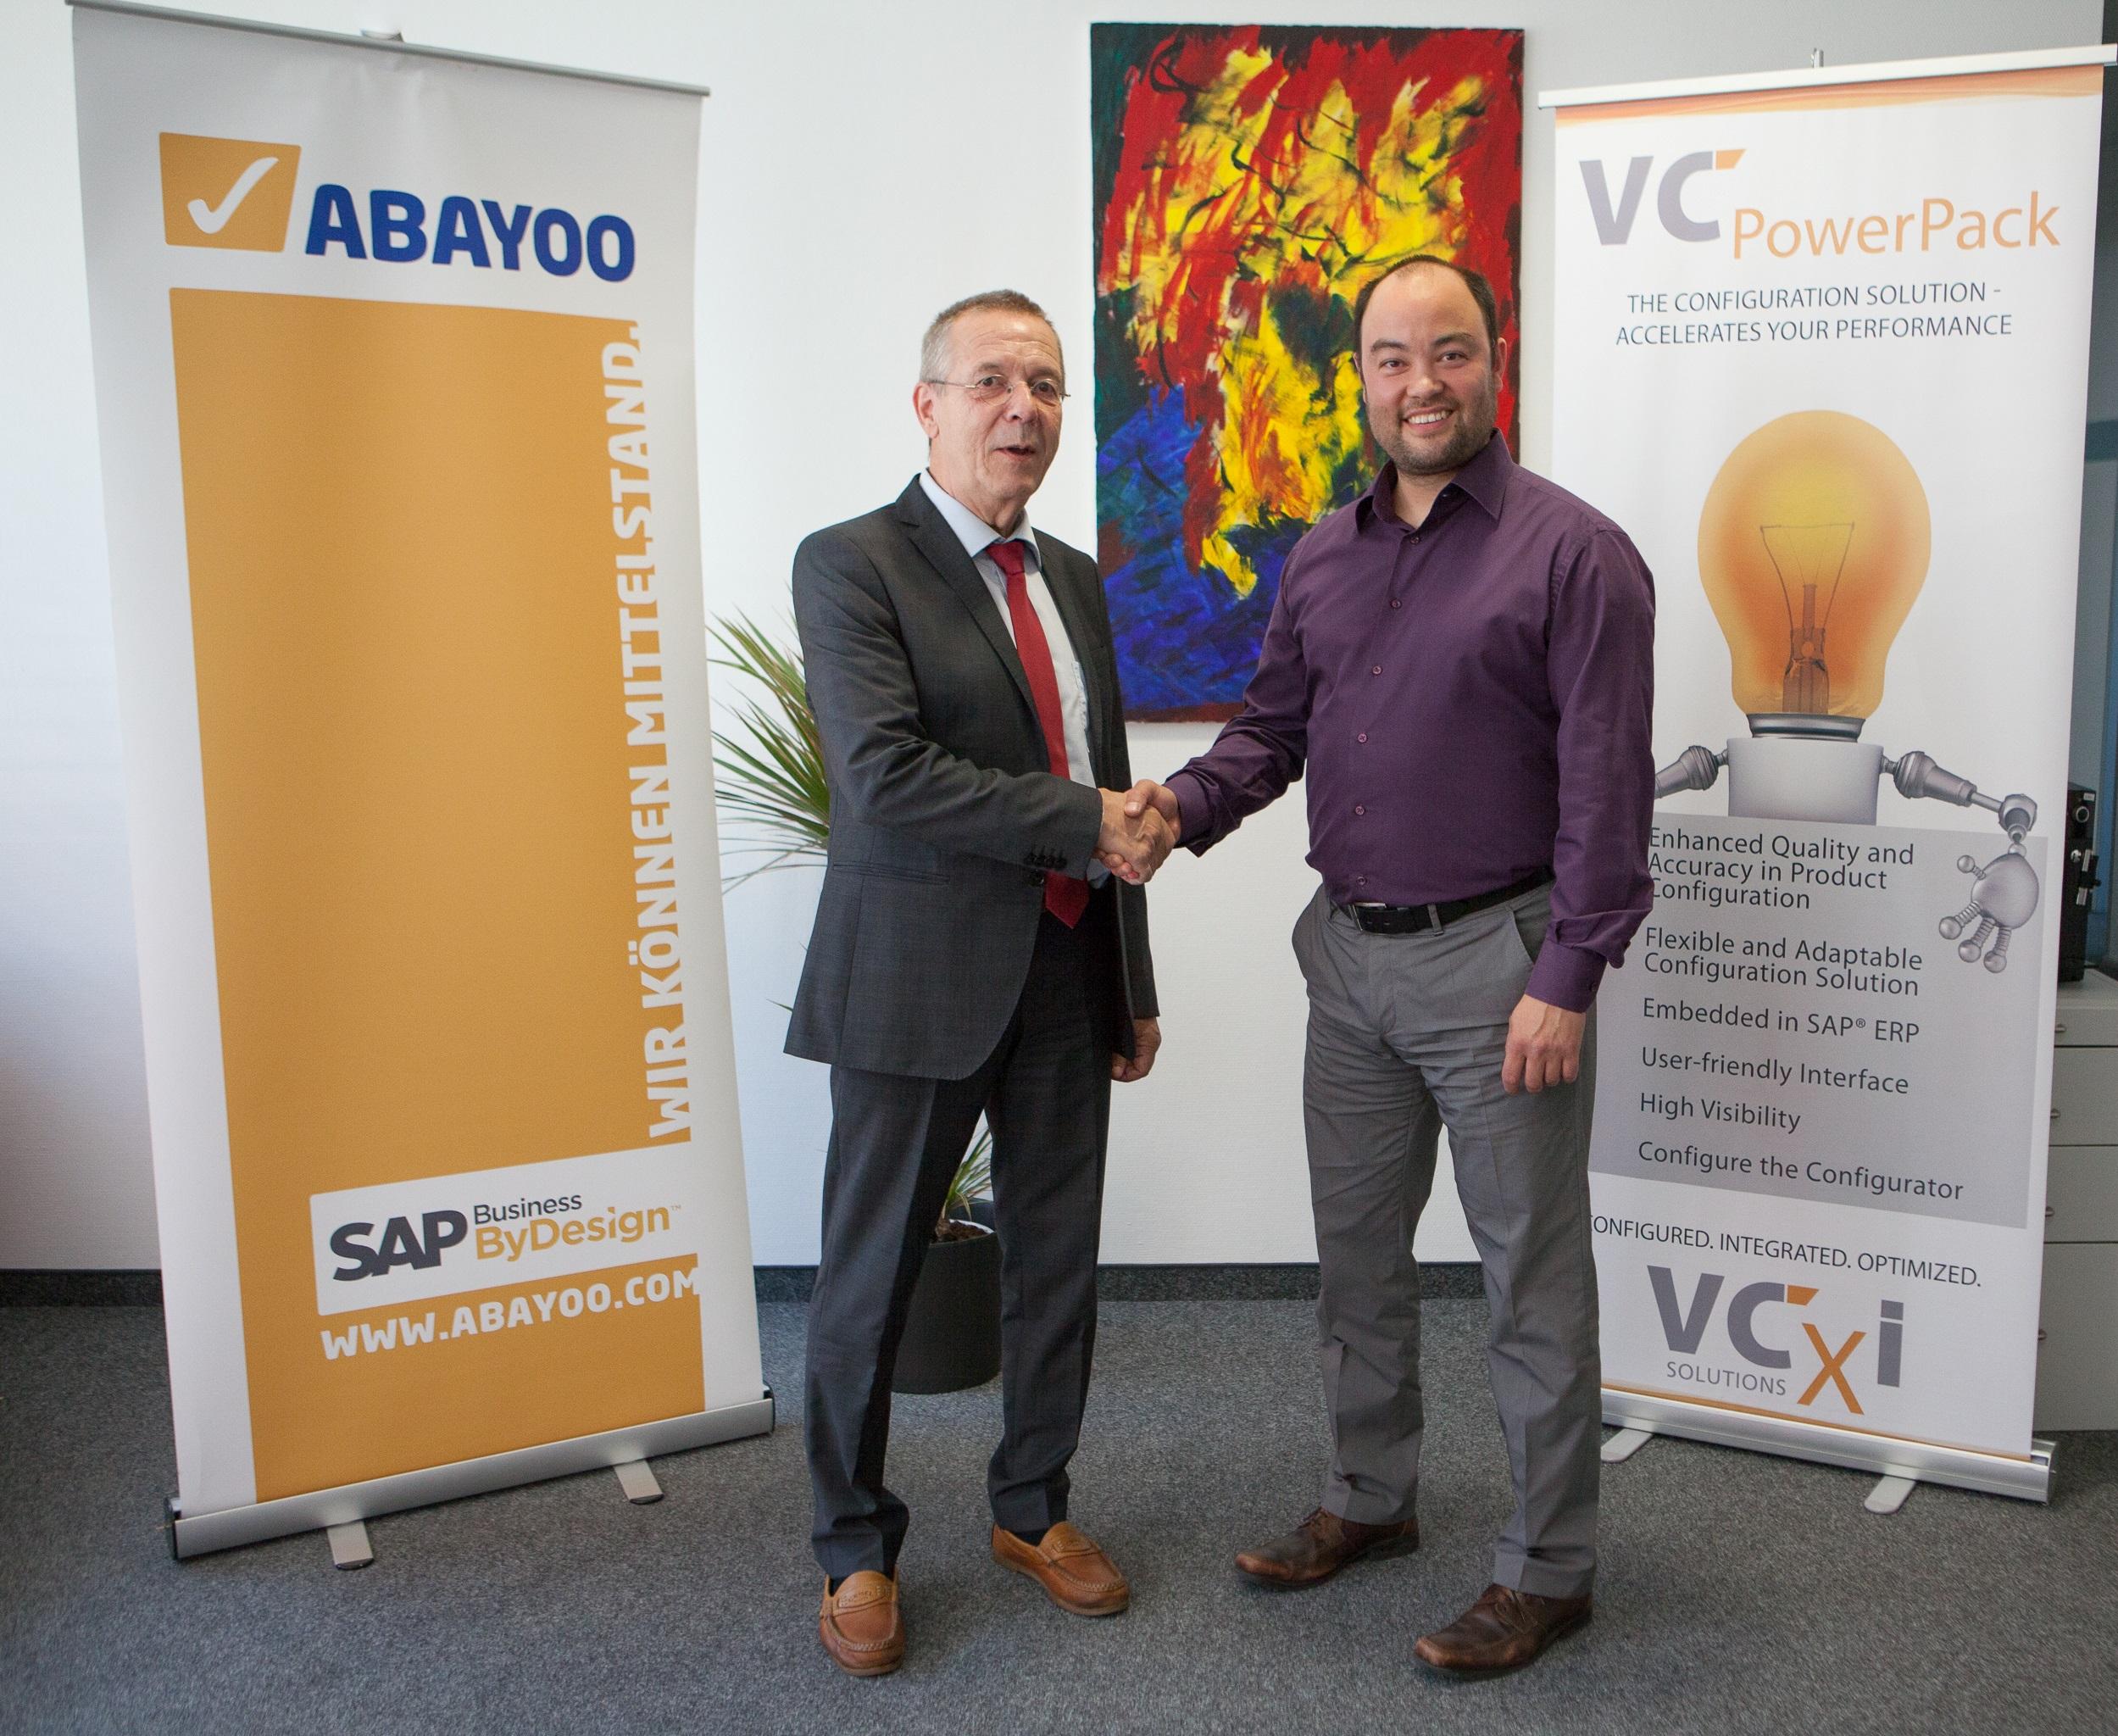 AICOMP Gruppe �bernimmt ABAYOO: Wolfgang Schmidt, Gesch�ftsf�hrer der ABAYOO (links) und Markus Blunk, Global Director Cloud der AICOMP Gruppe